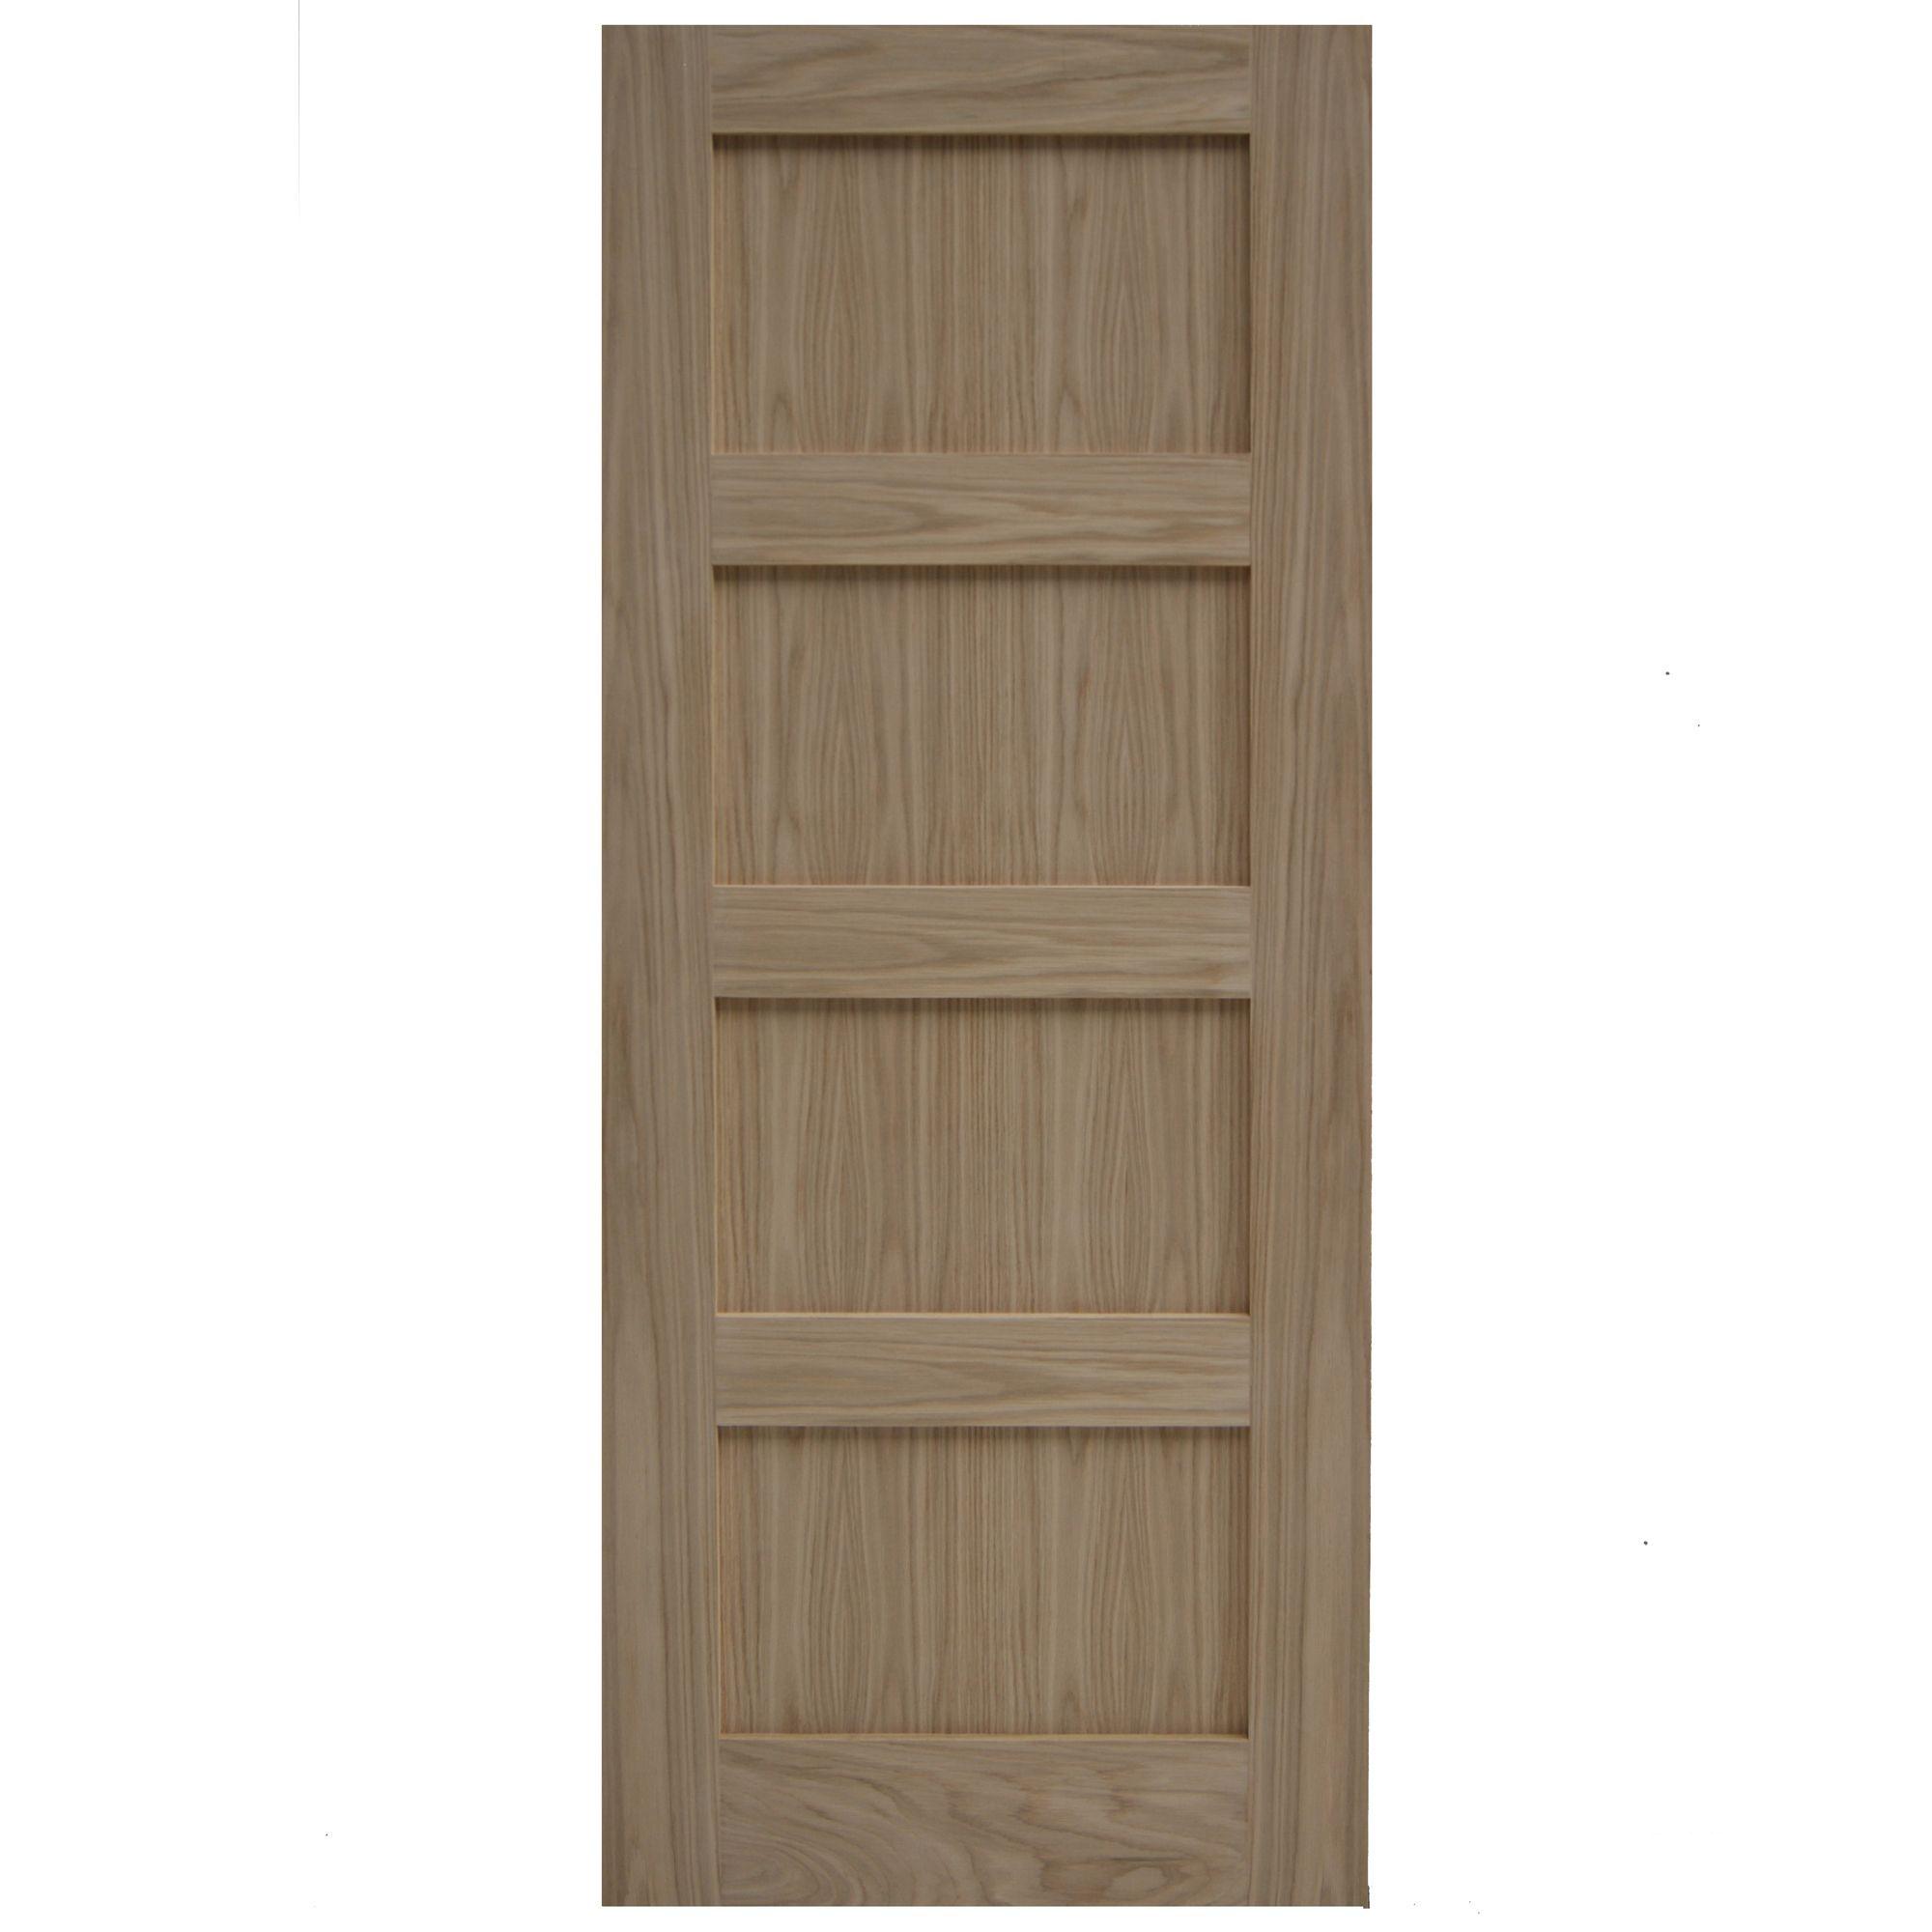 Shaker 4 panel oak veneer internal unglazed door h for Wood veneer garage doors